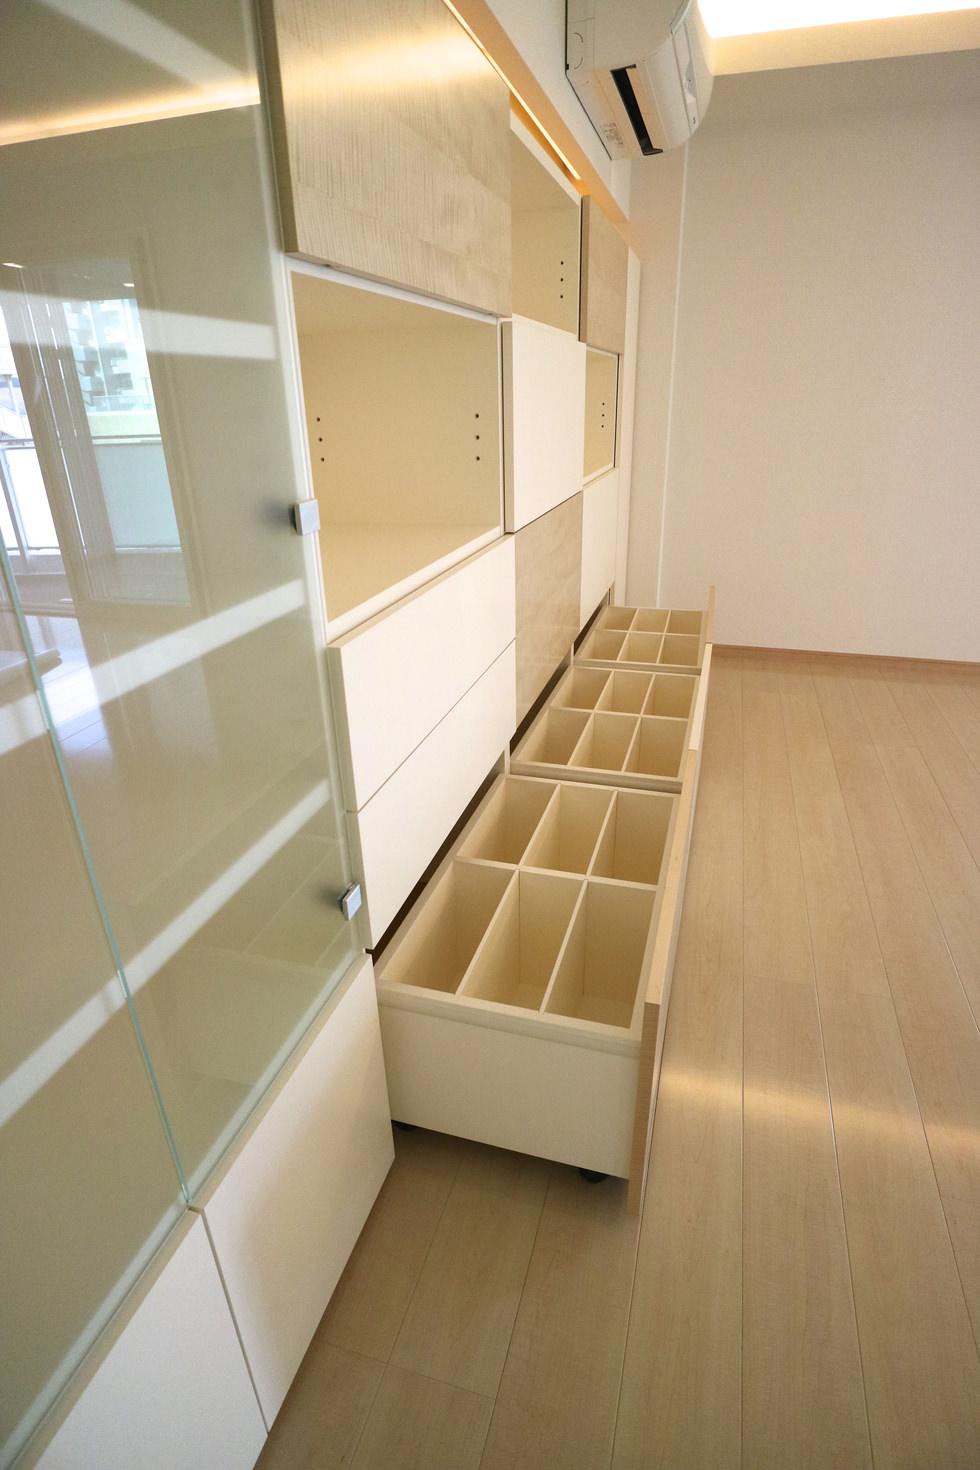 オーダー家具・壁面収納の引き出し内部。CDや楽譜など、収納する物に合わせて仕切りを作っている